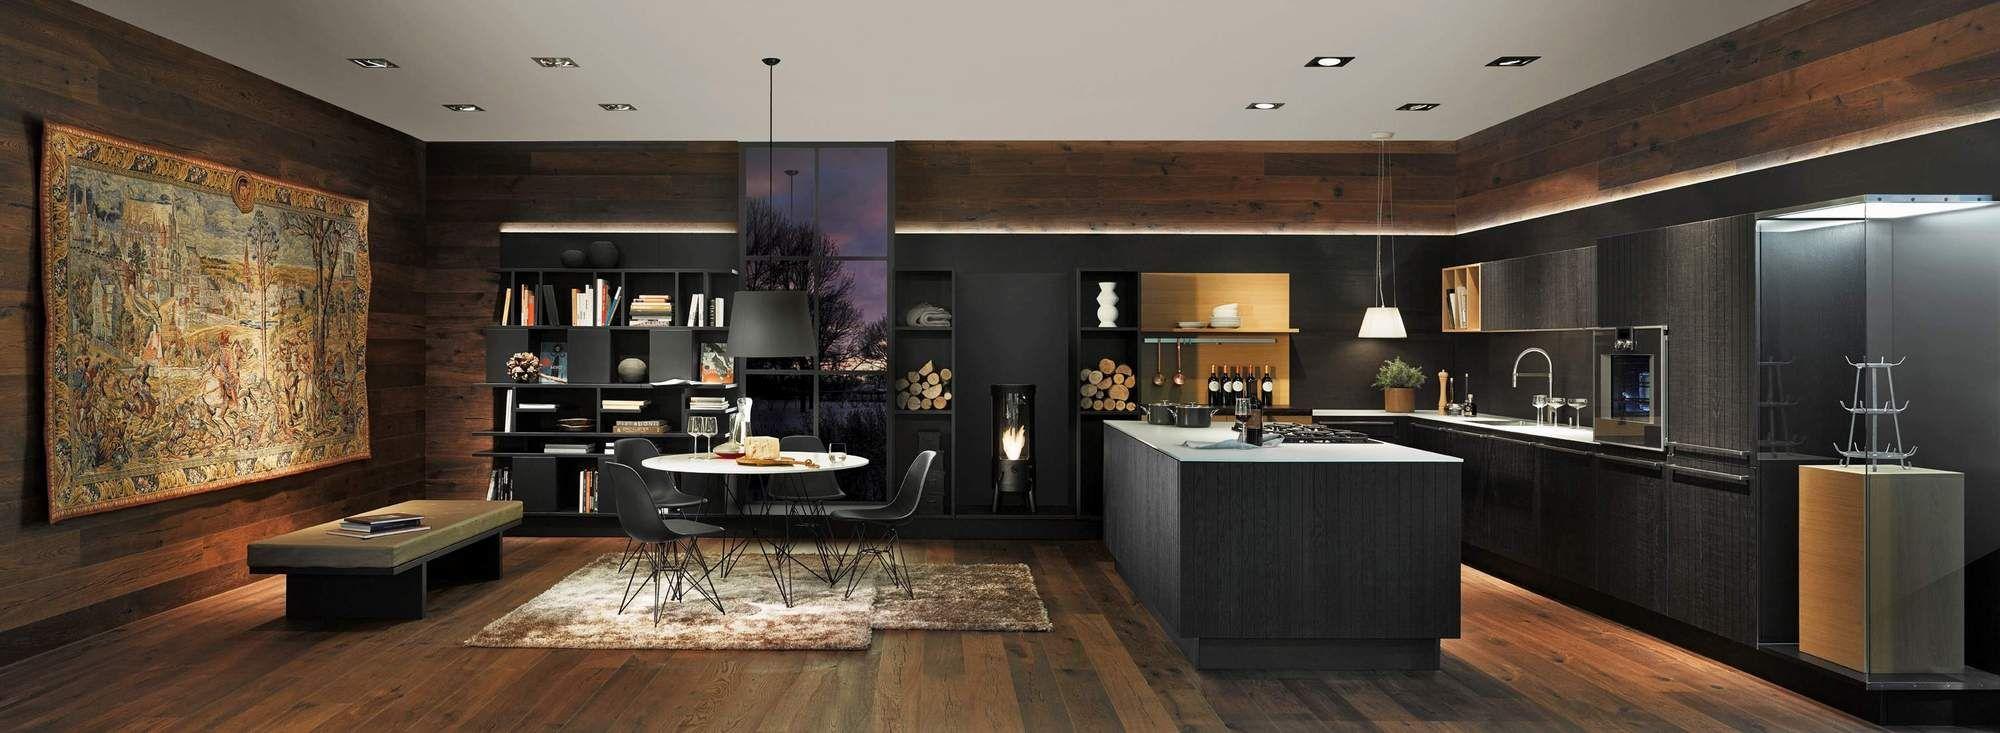 Risultati immagini per cucine di lusso italiane cucine - Cucine moderne lusso ...